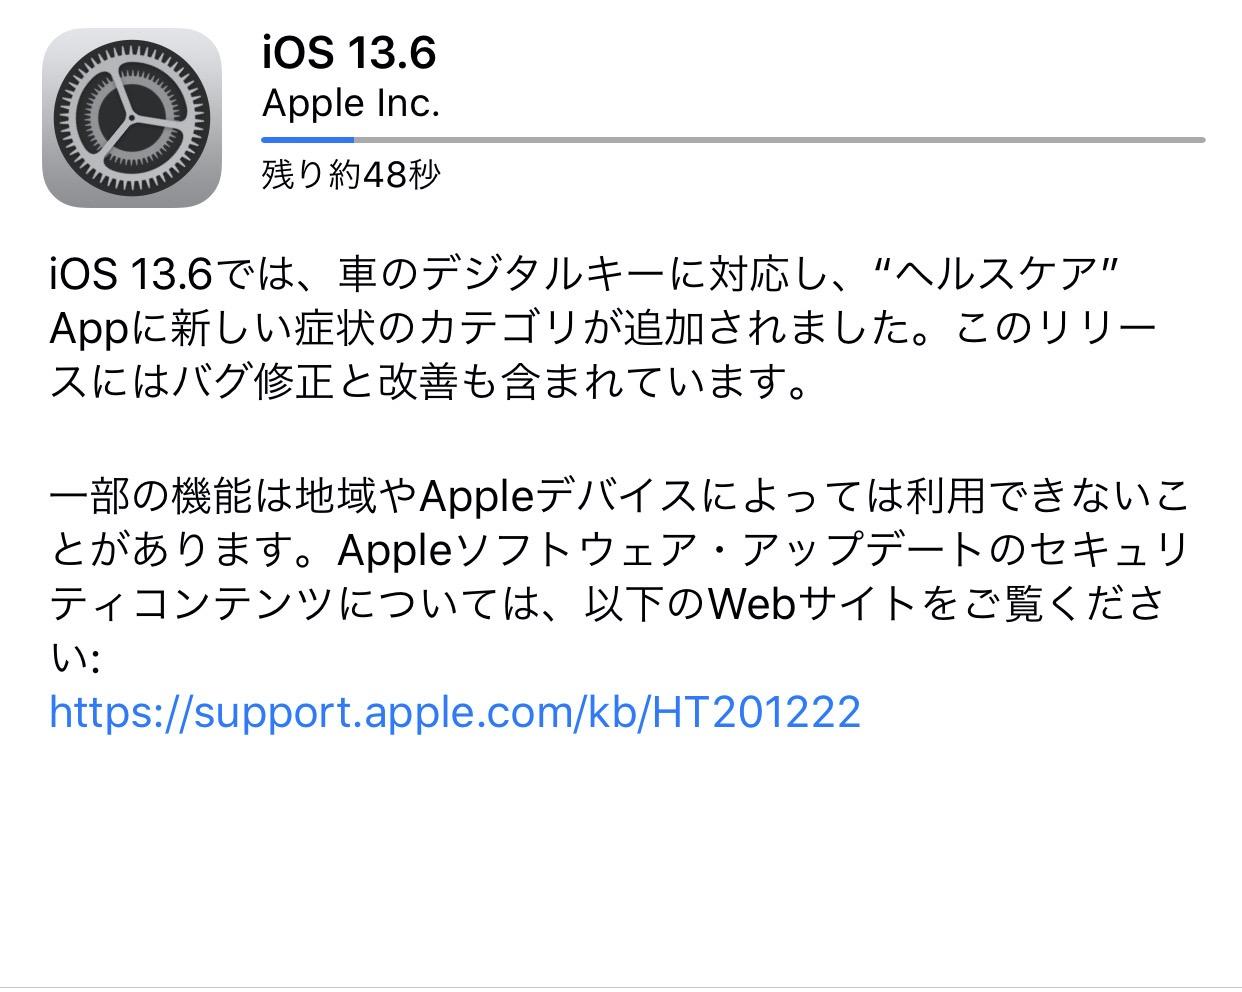 【iOS 13】車のデジタルキーに対応した「iOS 13.6 ソフトウェアアップデート」リリース